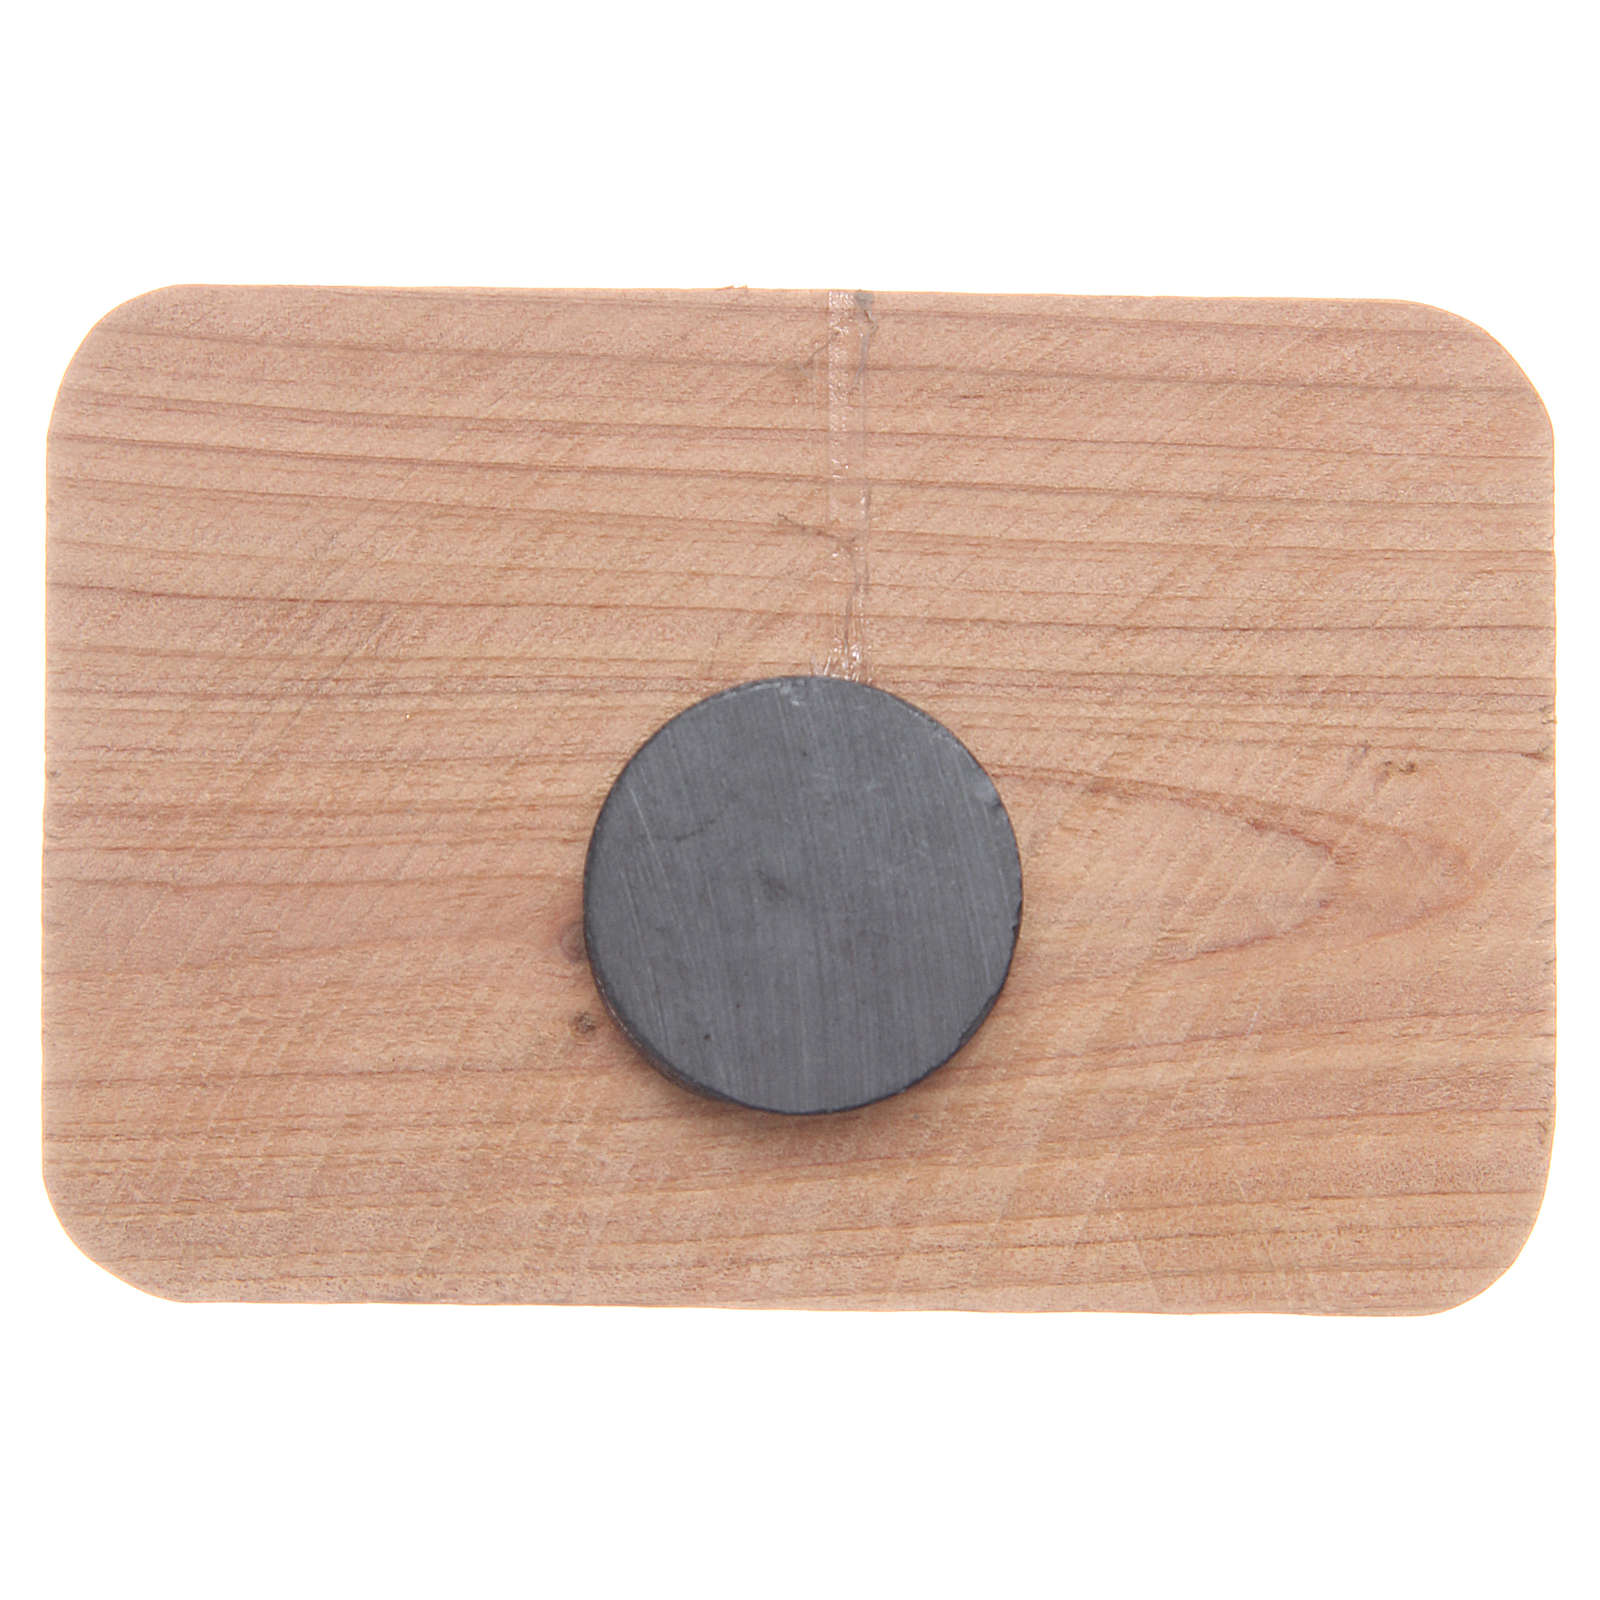 Imán madera olivo Medjugorje 7 x 5 cm 4